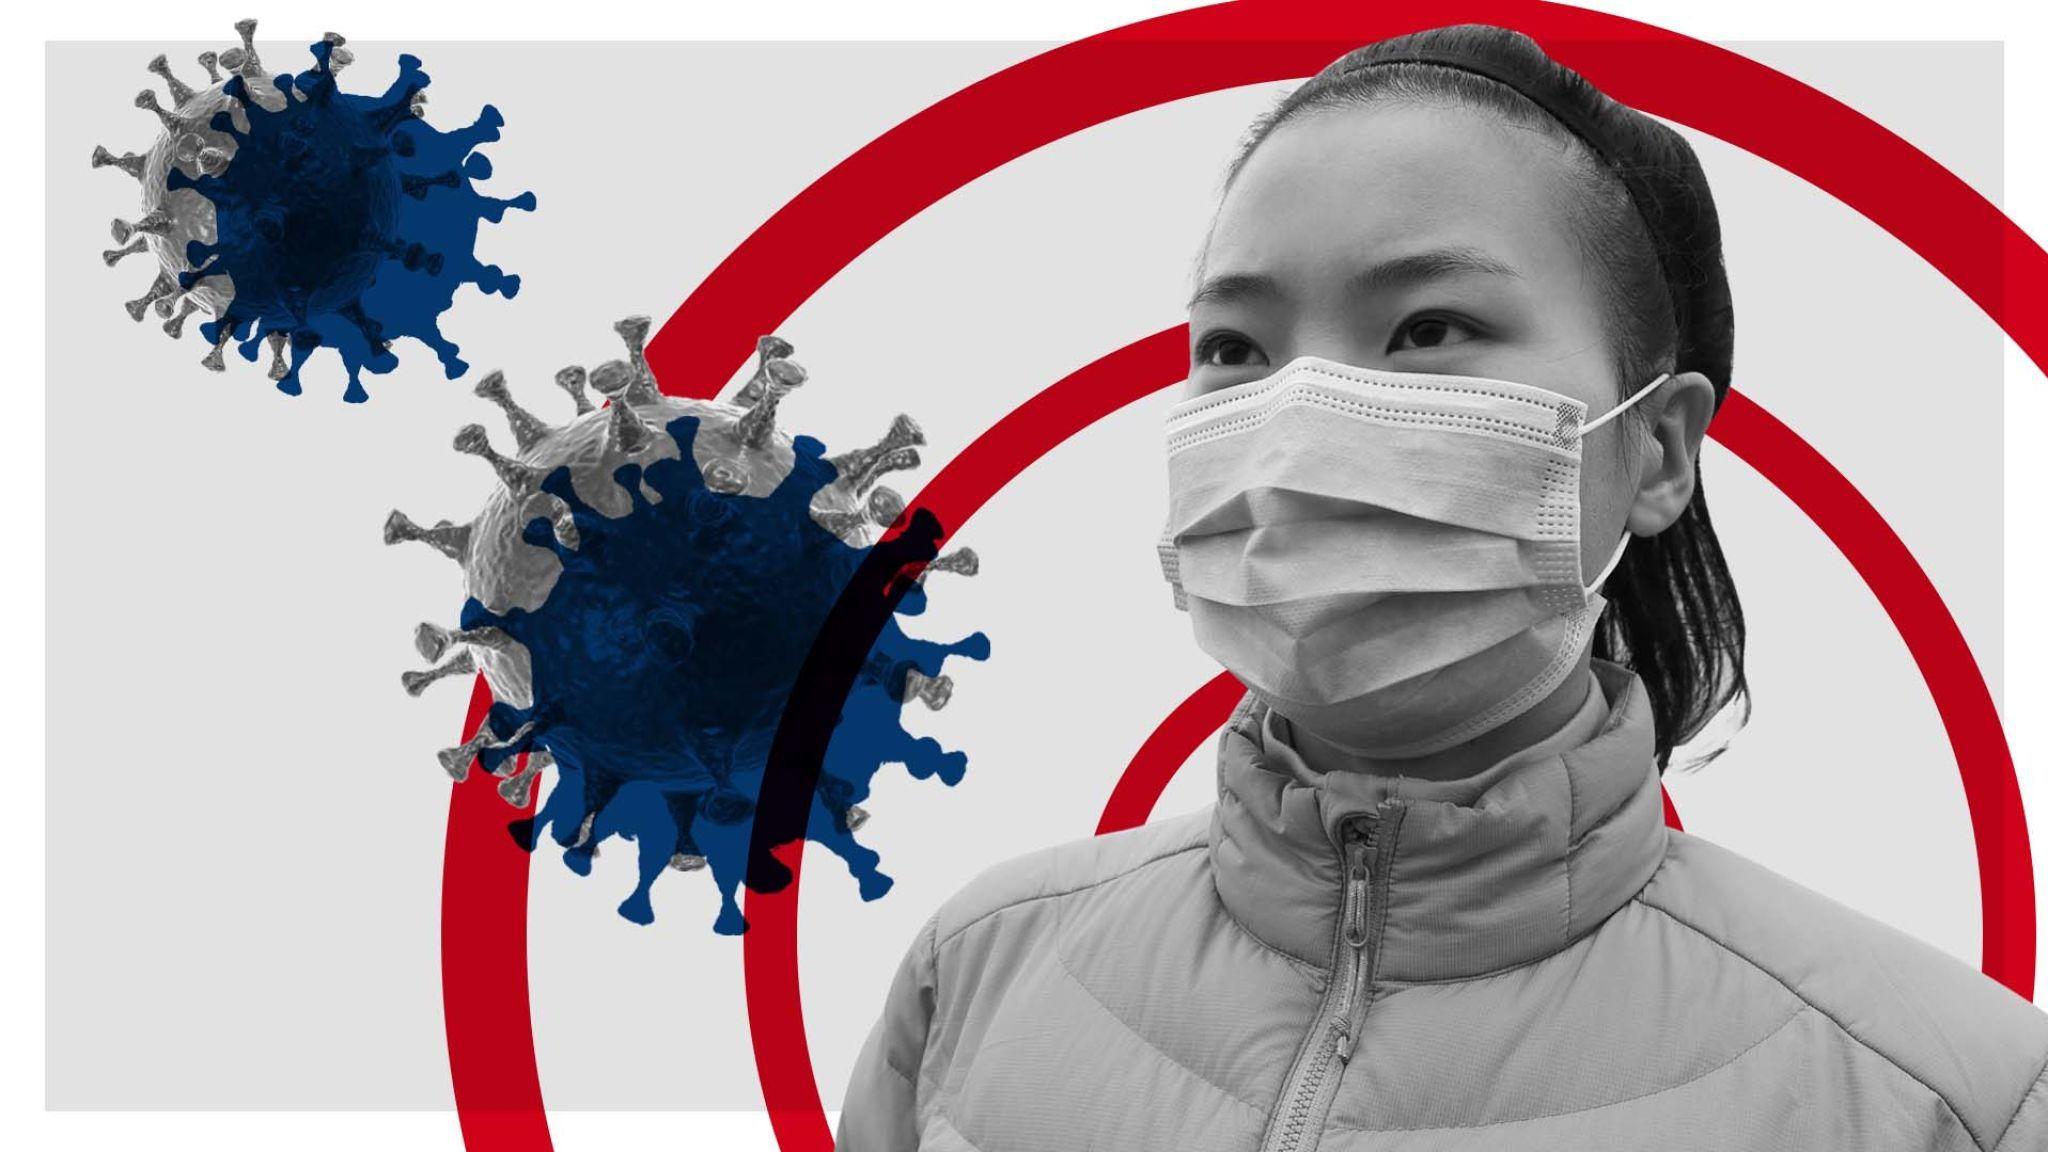 معلومات مهمة عن فيروسات كورونا